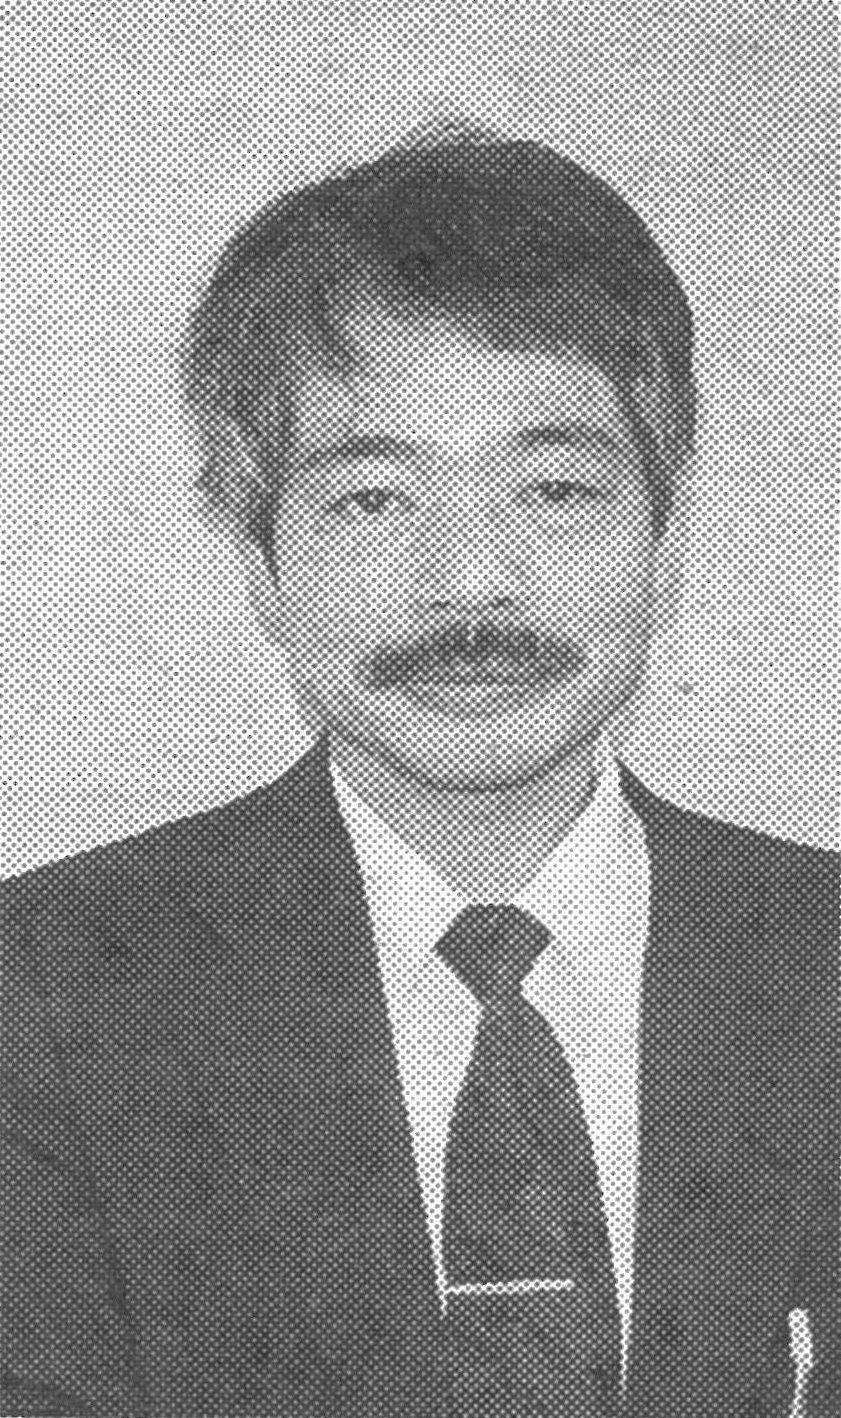 """中村さんはパキスタンの病院で現地スタッフに誇りをもたせる""""地元方式""""をとった"""